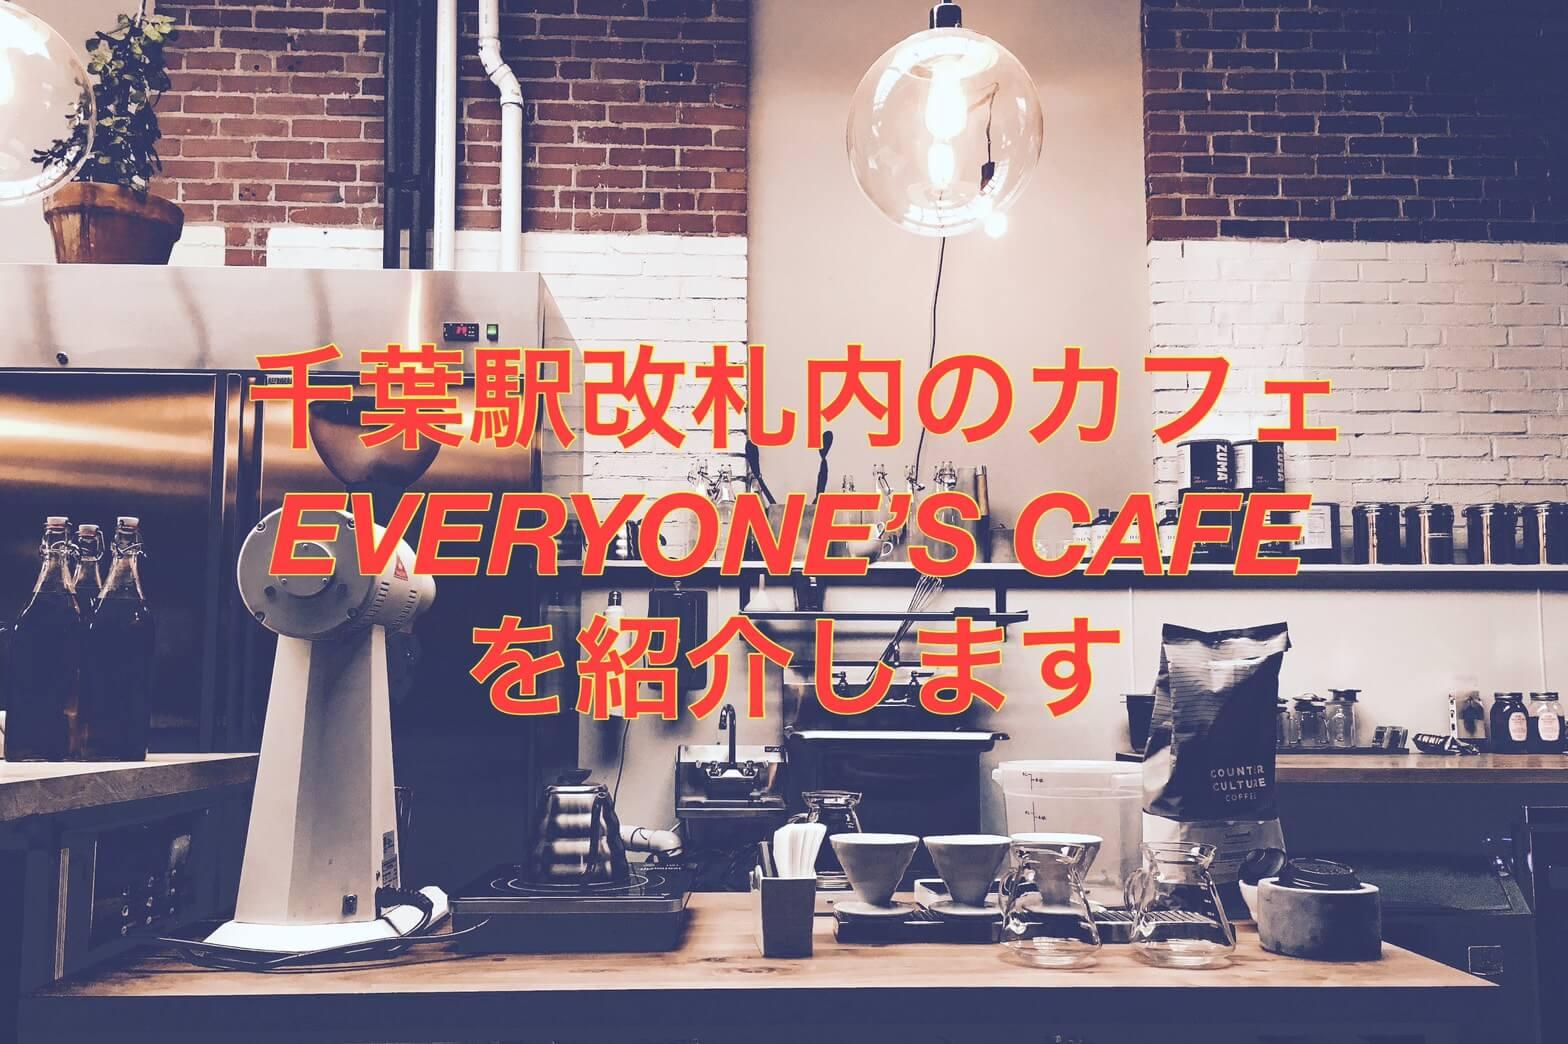 千葉駅改札内 カフェ